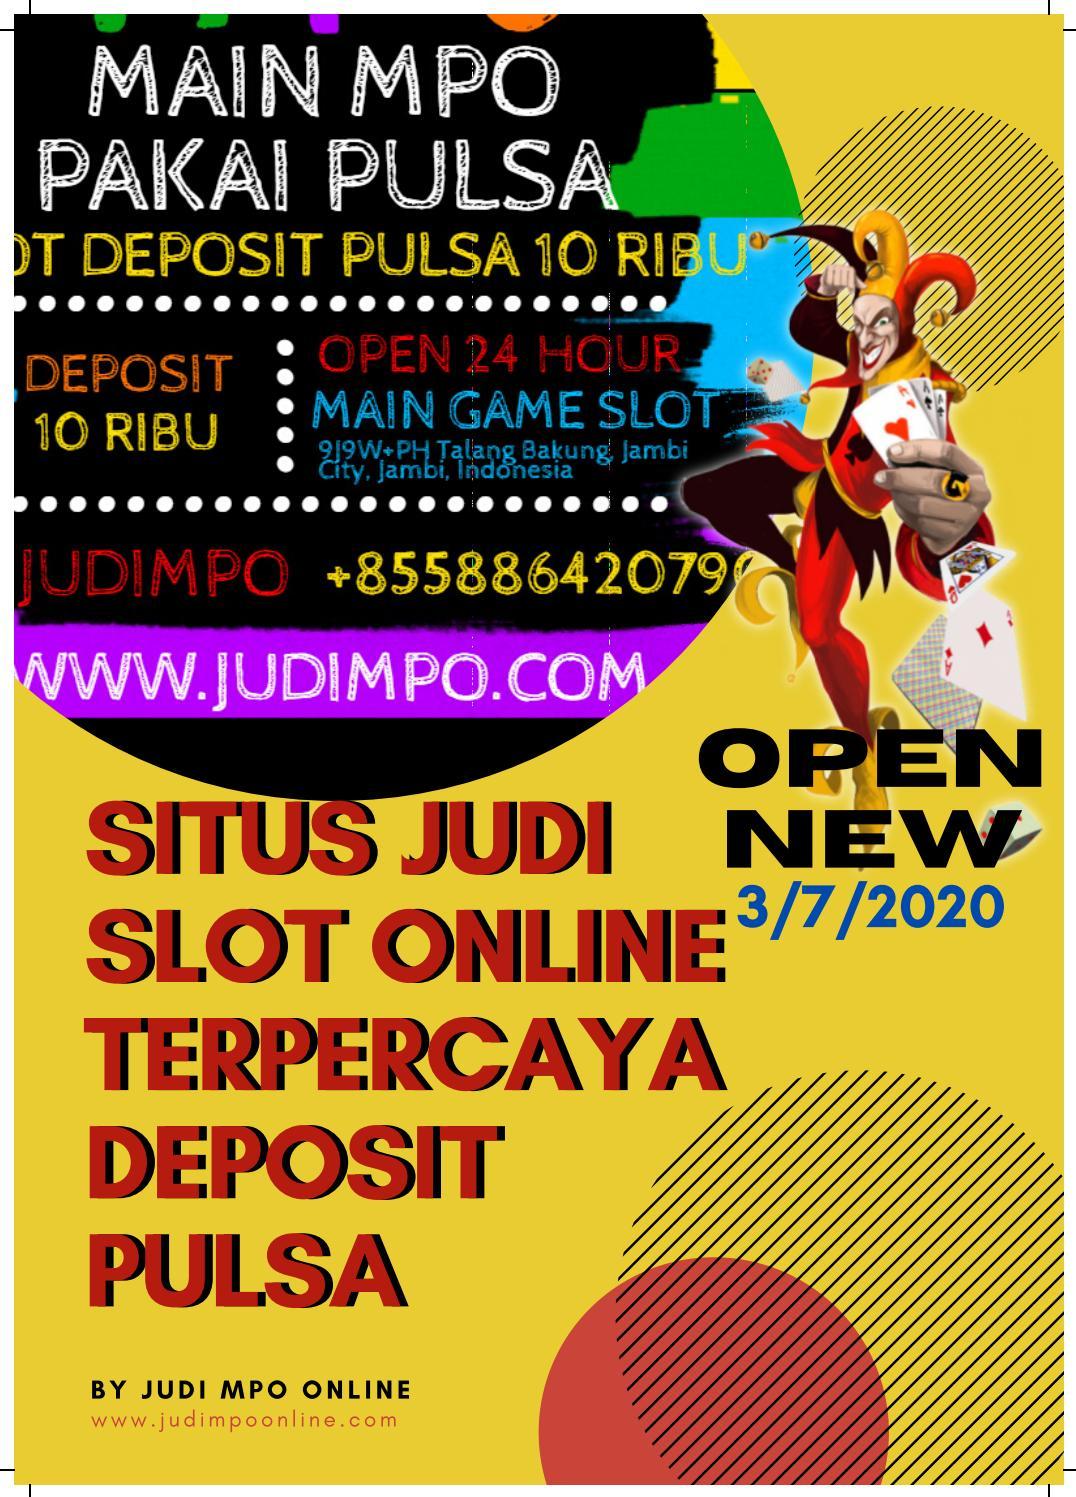 Situs Judi Slot Online Terpercaya Deposit Pulsa By Situs Slot Judi Mpo Online 24 Jam Terbaru Di Indonesia Issuu